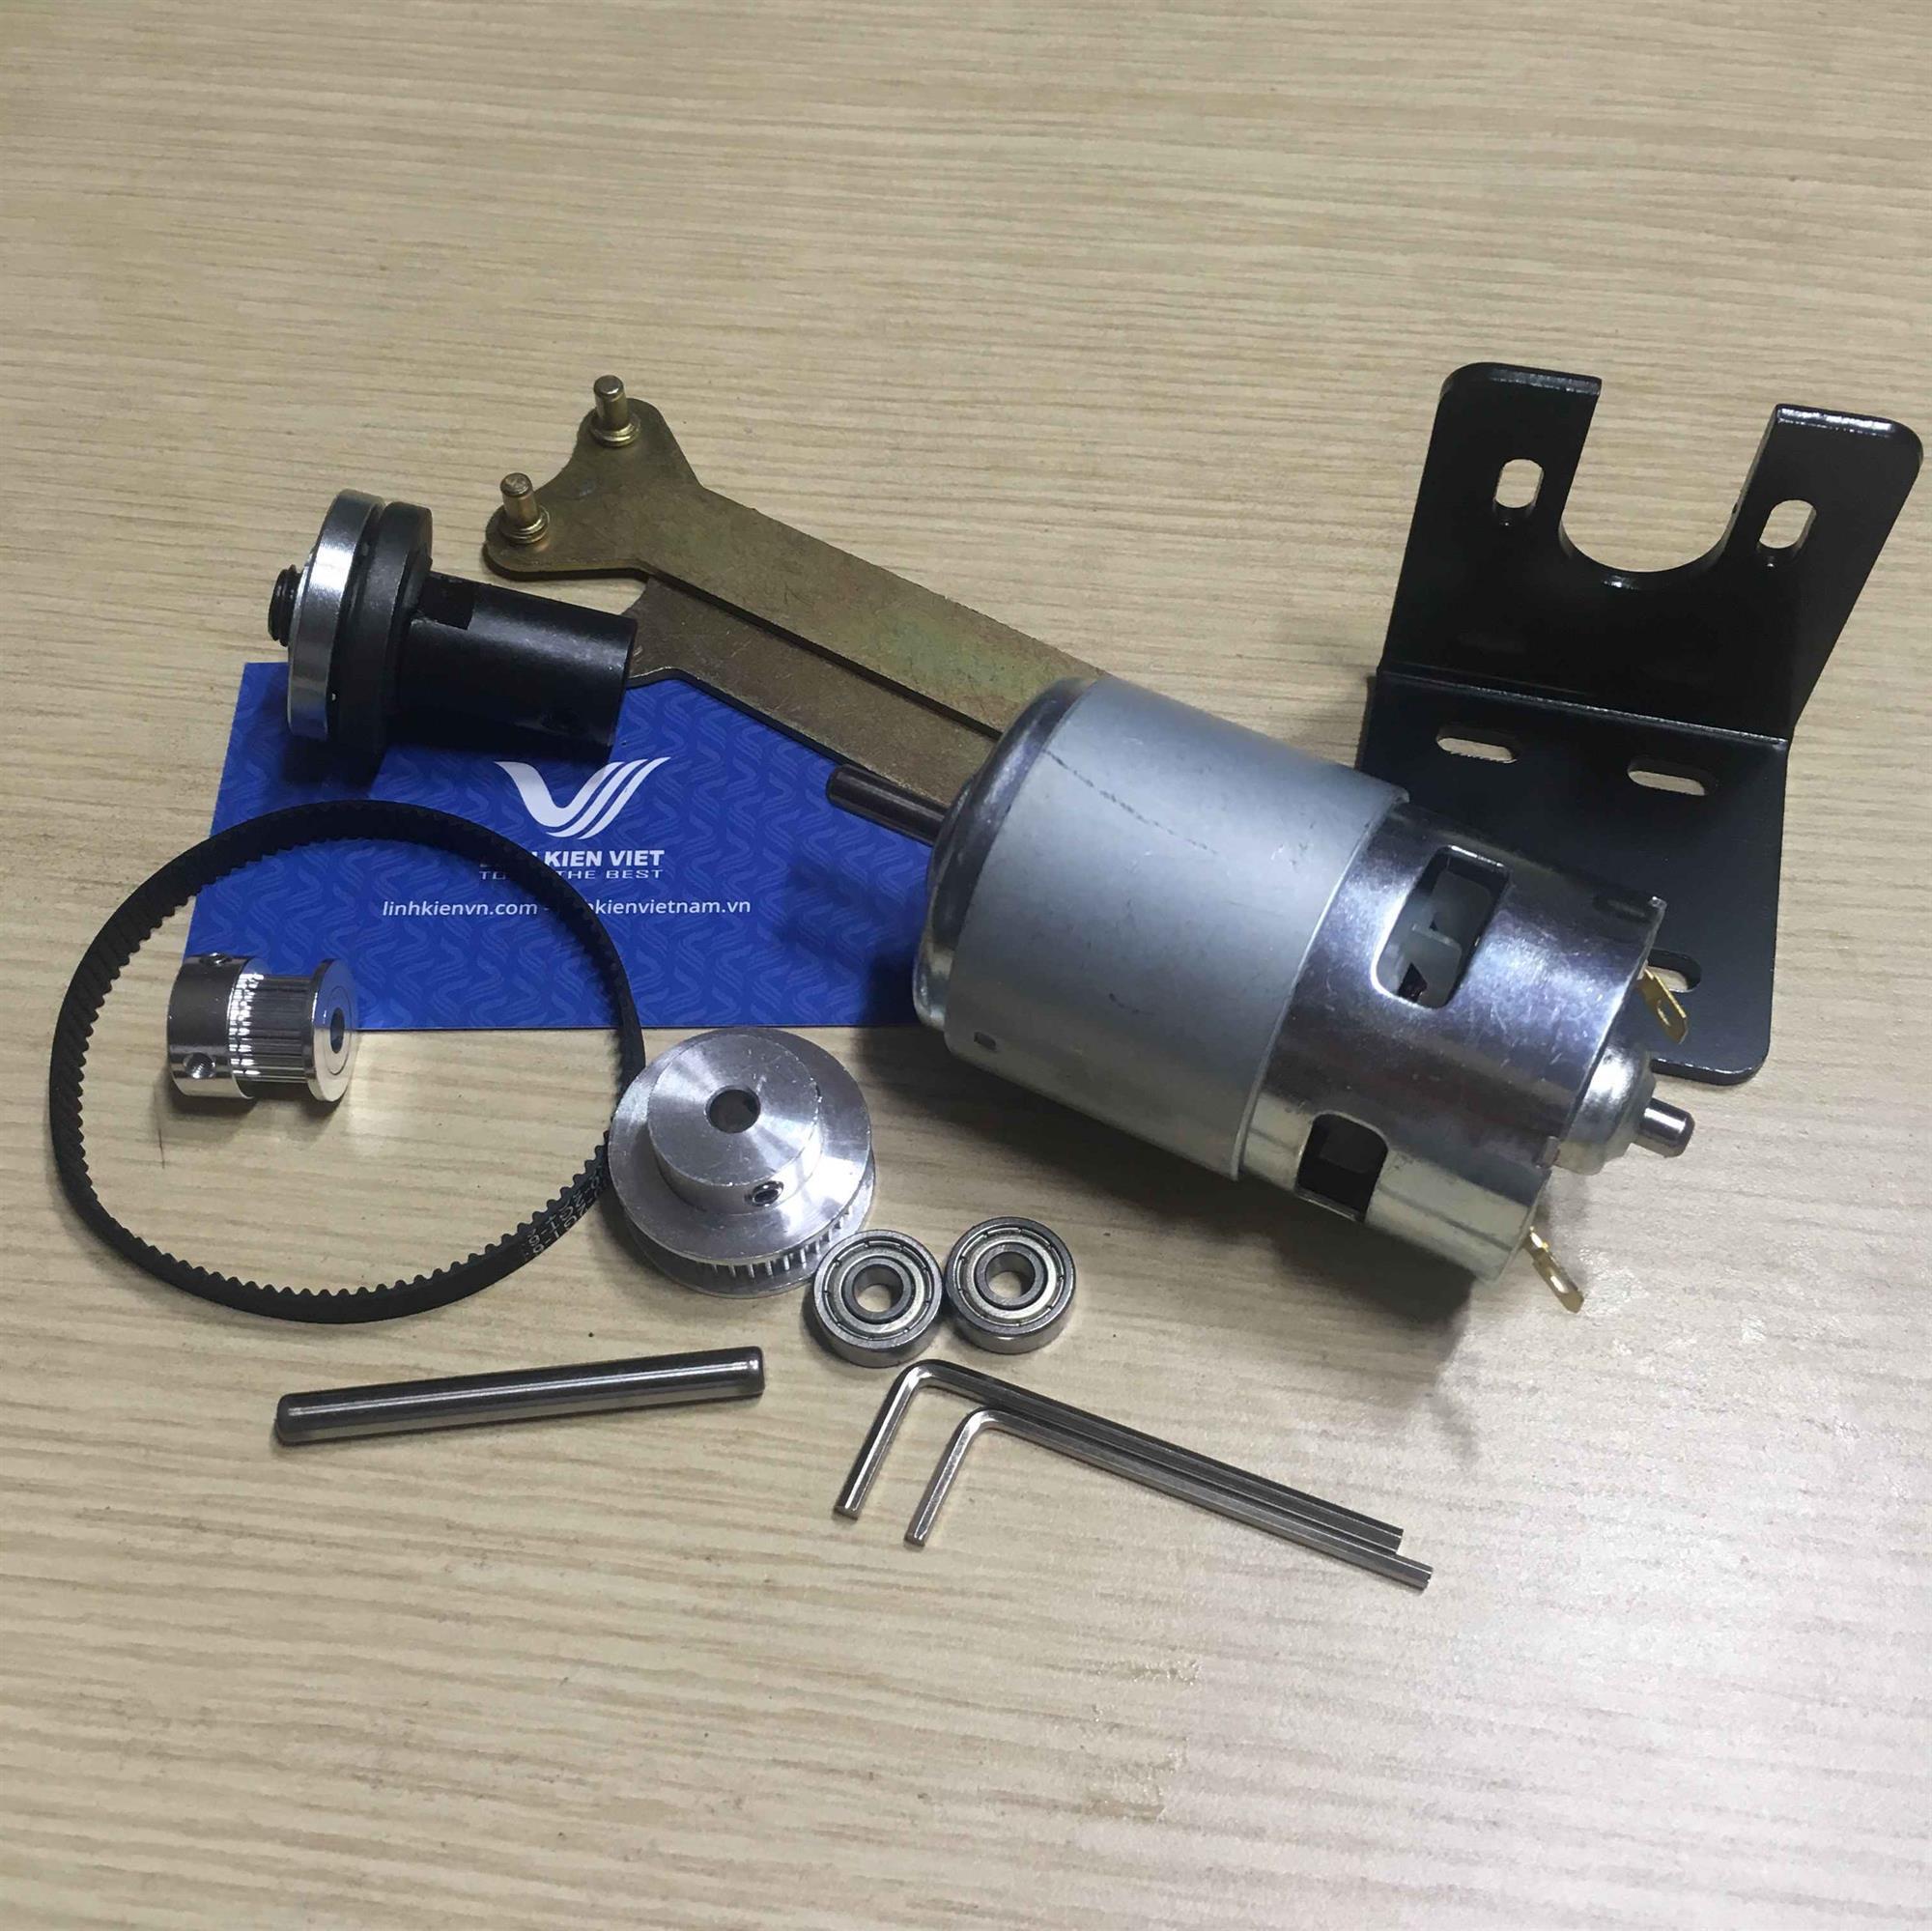 Bộ chế tạo máy cắt dùng động cơ 775 18000 rpm